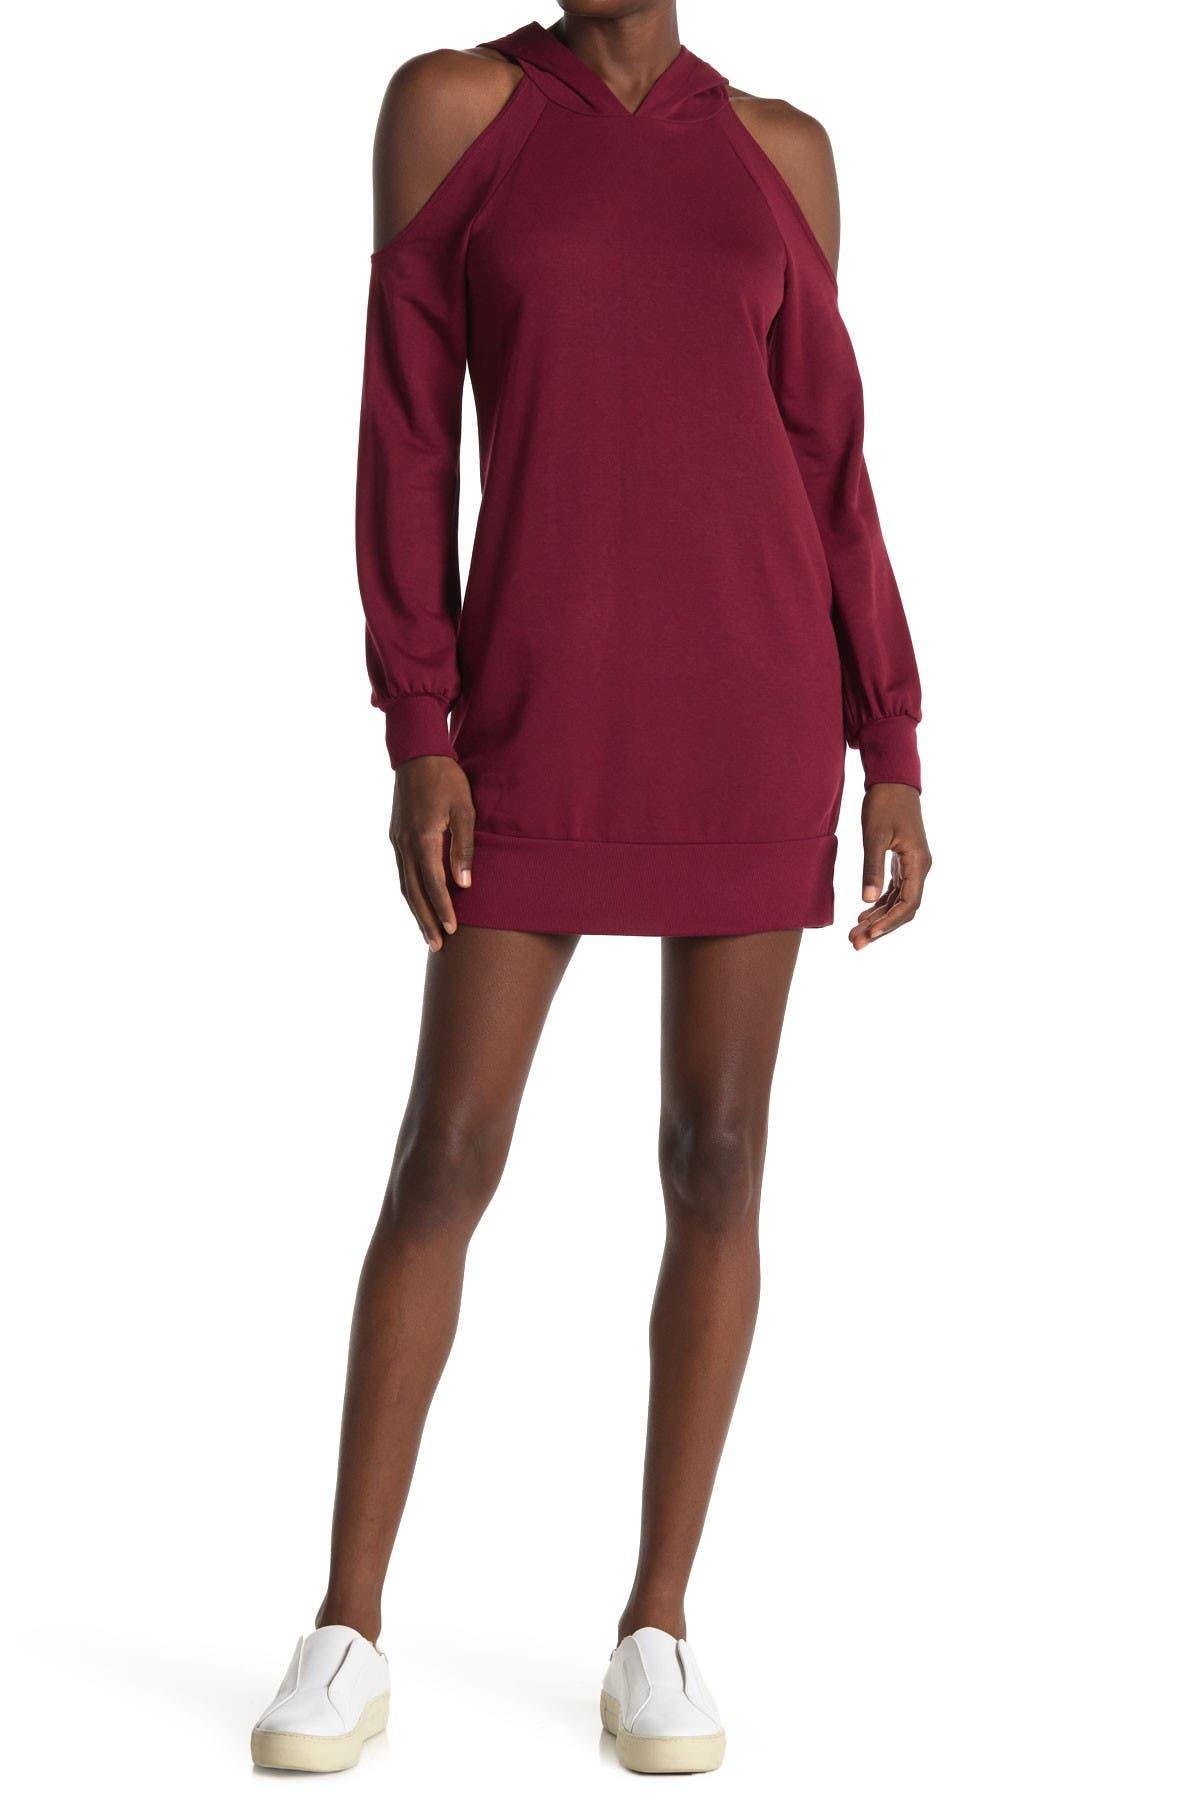 Image of KENEDIK Cold Shoulder Fleece Sweatshirt Dress